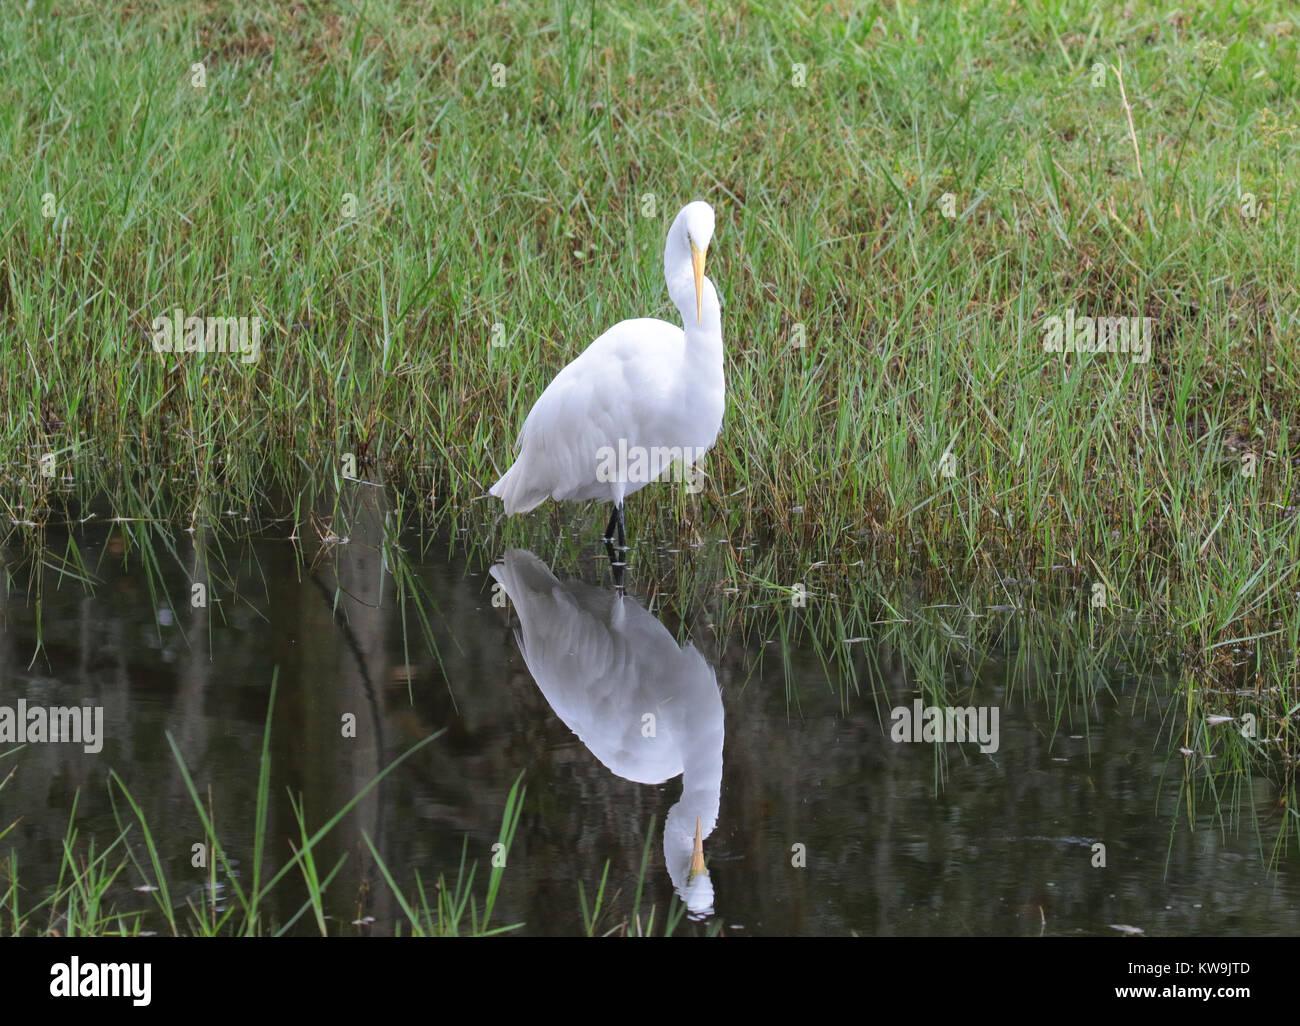 Grande aigrette avec image en miroir dans l'eau reflet Photo Stock